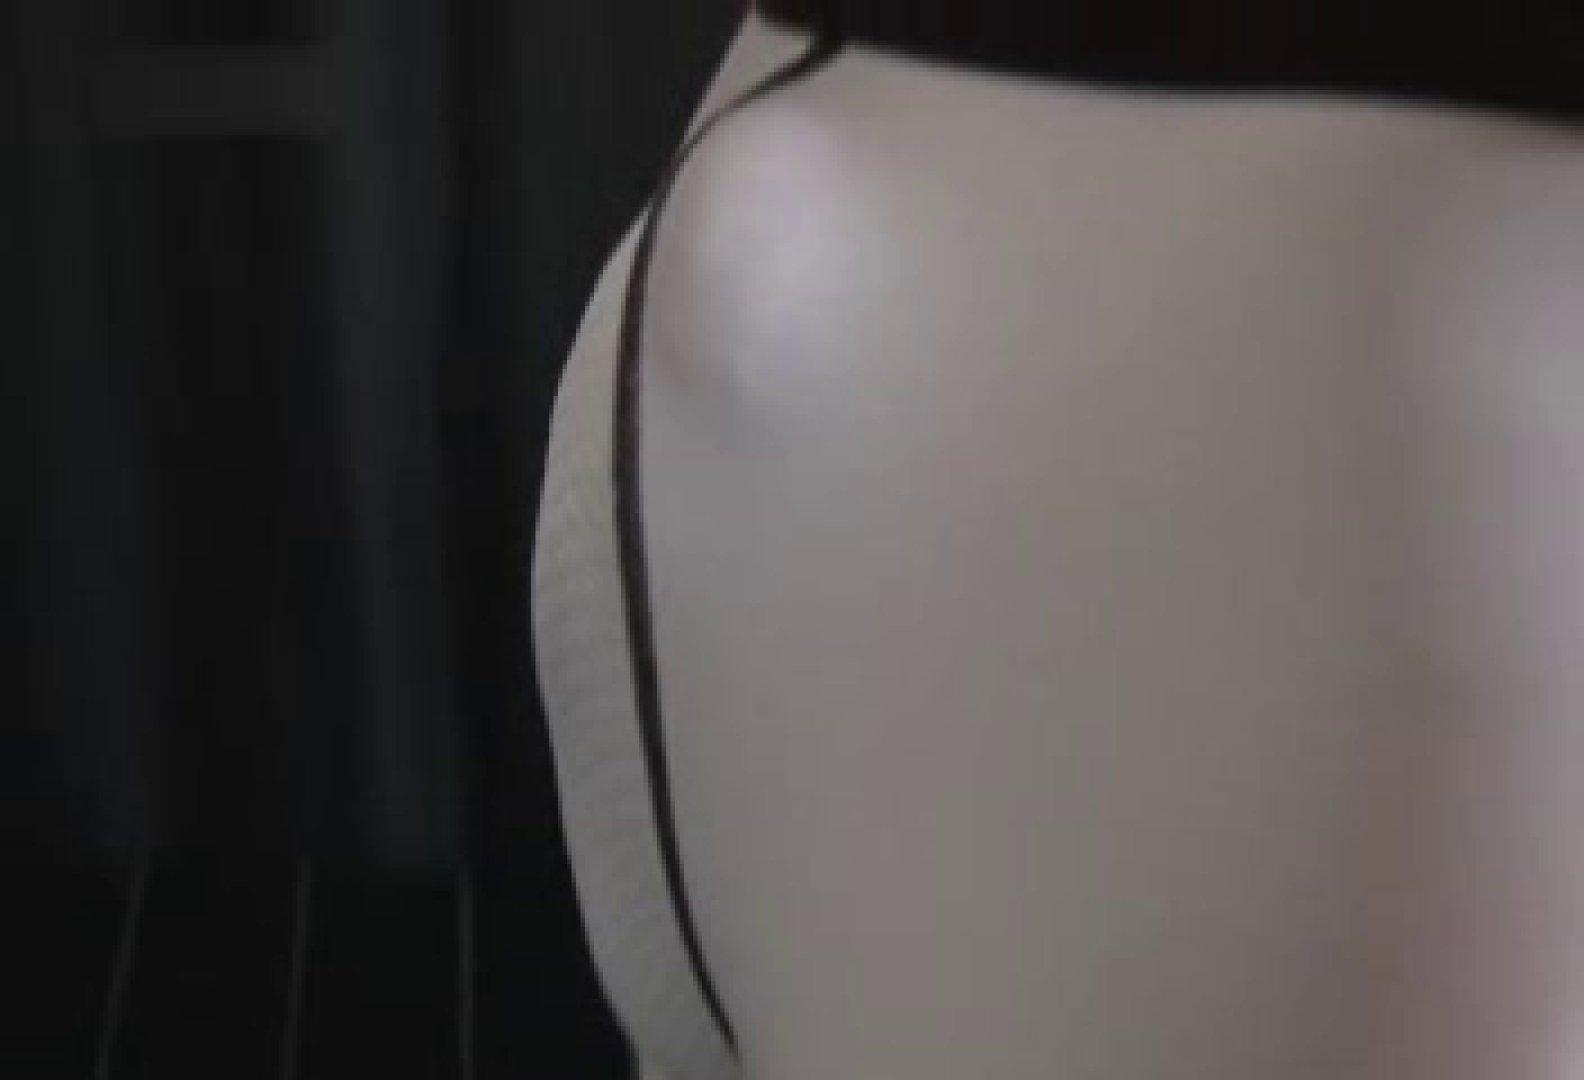 【期間限定】大集合!!カッコ可愛いメンズの一穴入根!!.VOL76 アナル ゲイザーメン画像 112枚 92